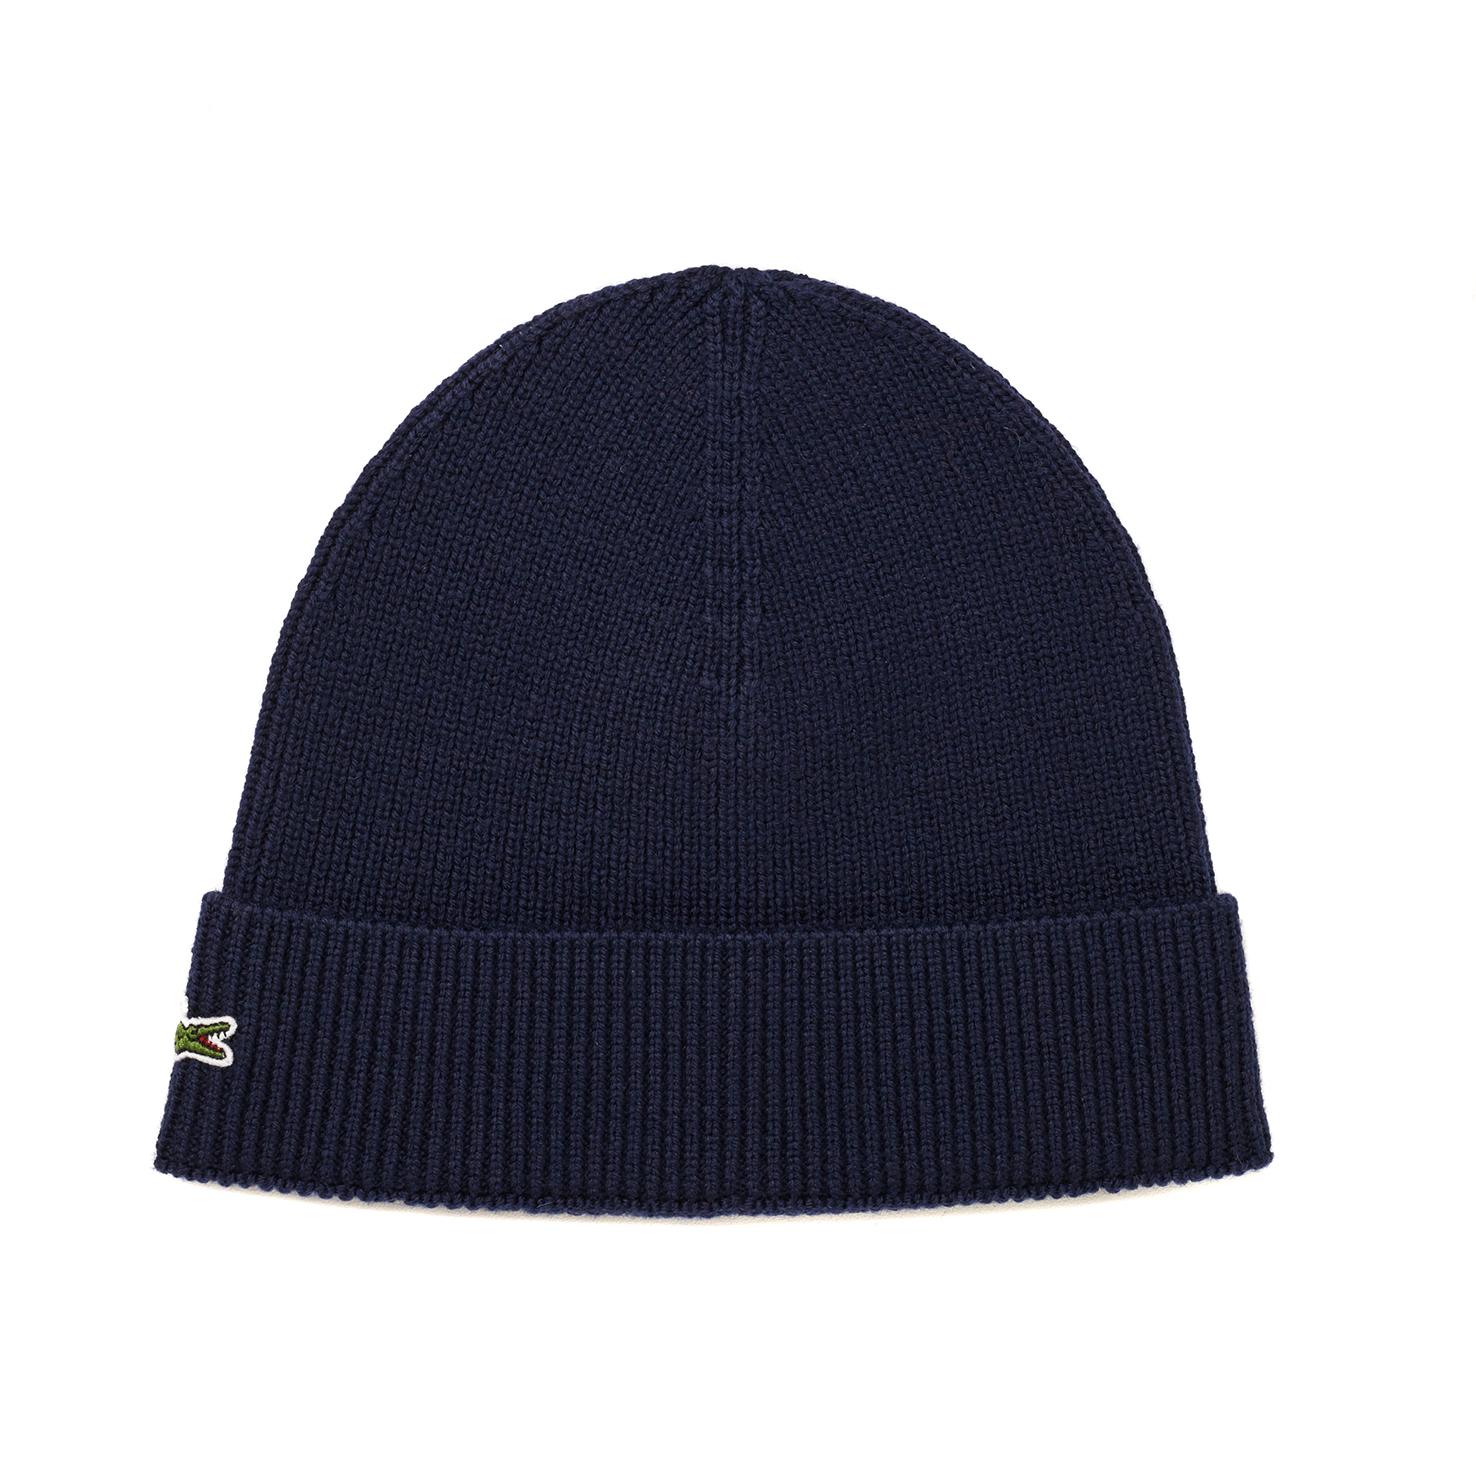 Купить Вязаная шапка Lacoste, темно-синий, RB3502